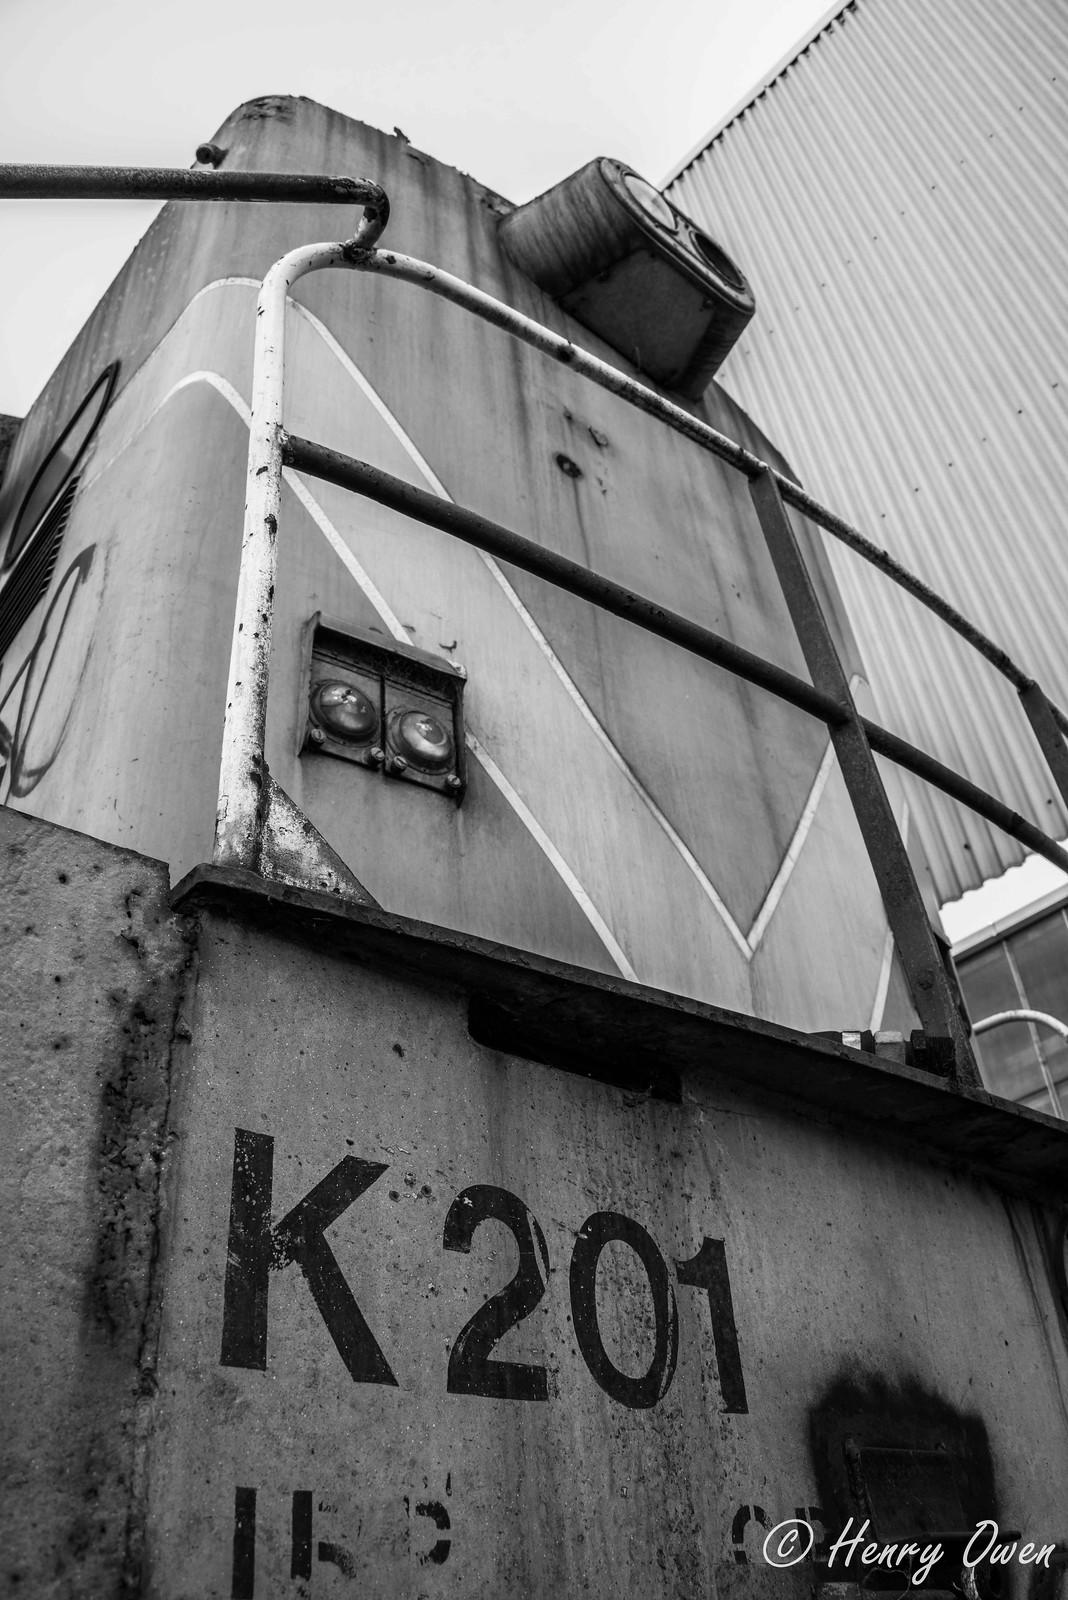 K Class by Henry Owen